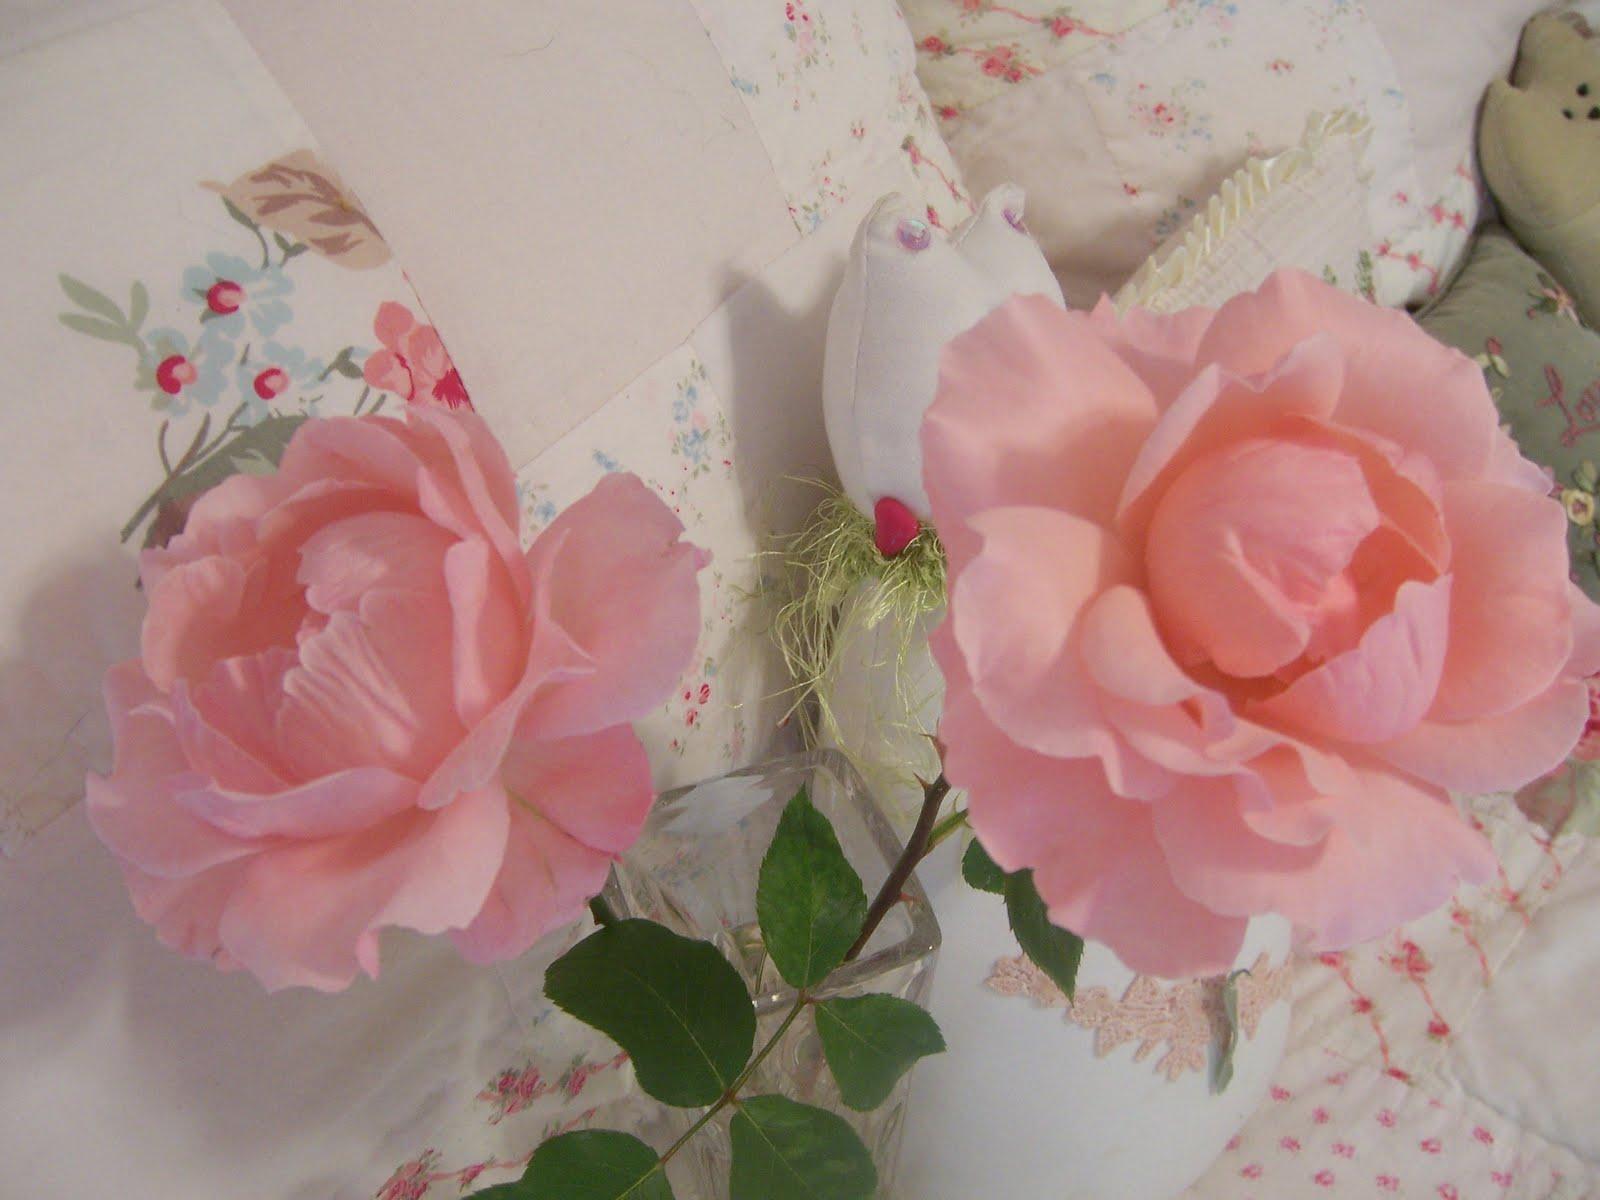 outer limits queen elizabeth rose. Black Bedroom Furniture Sets. Home Design Ideas